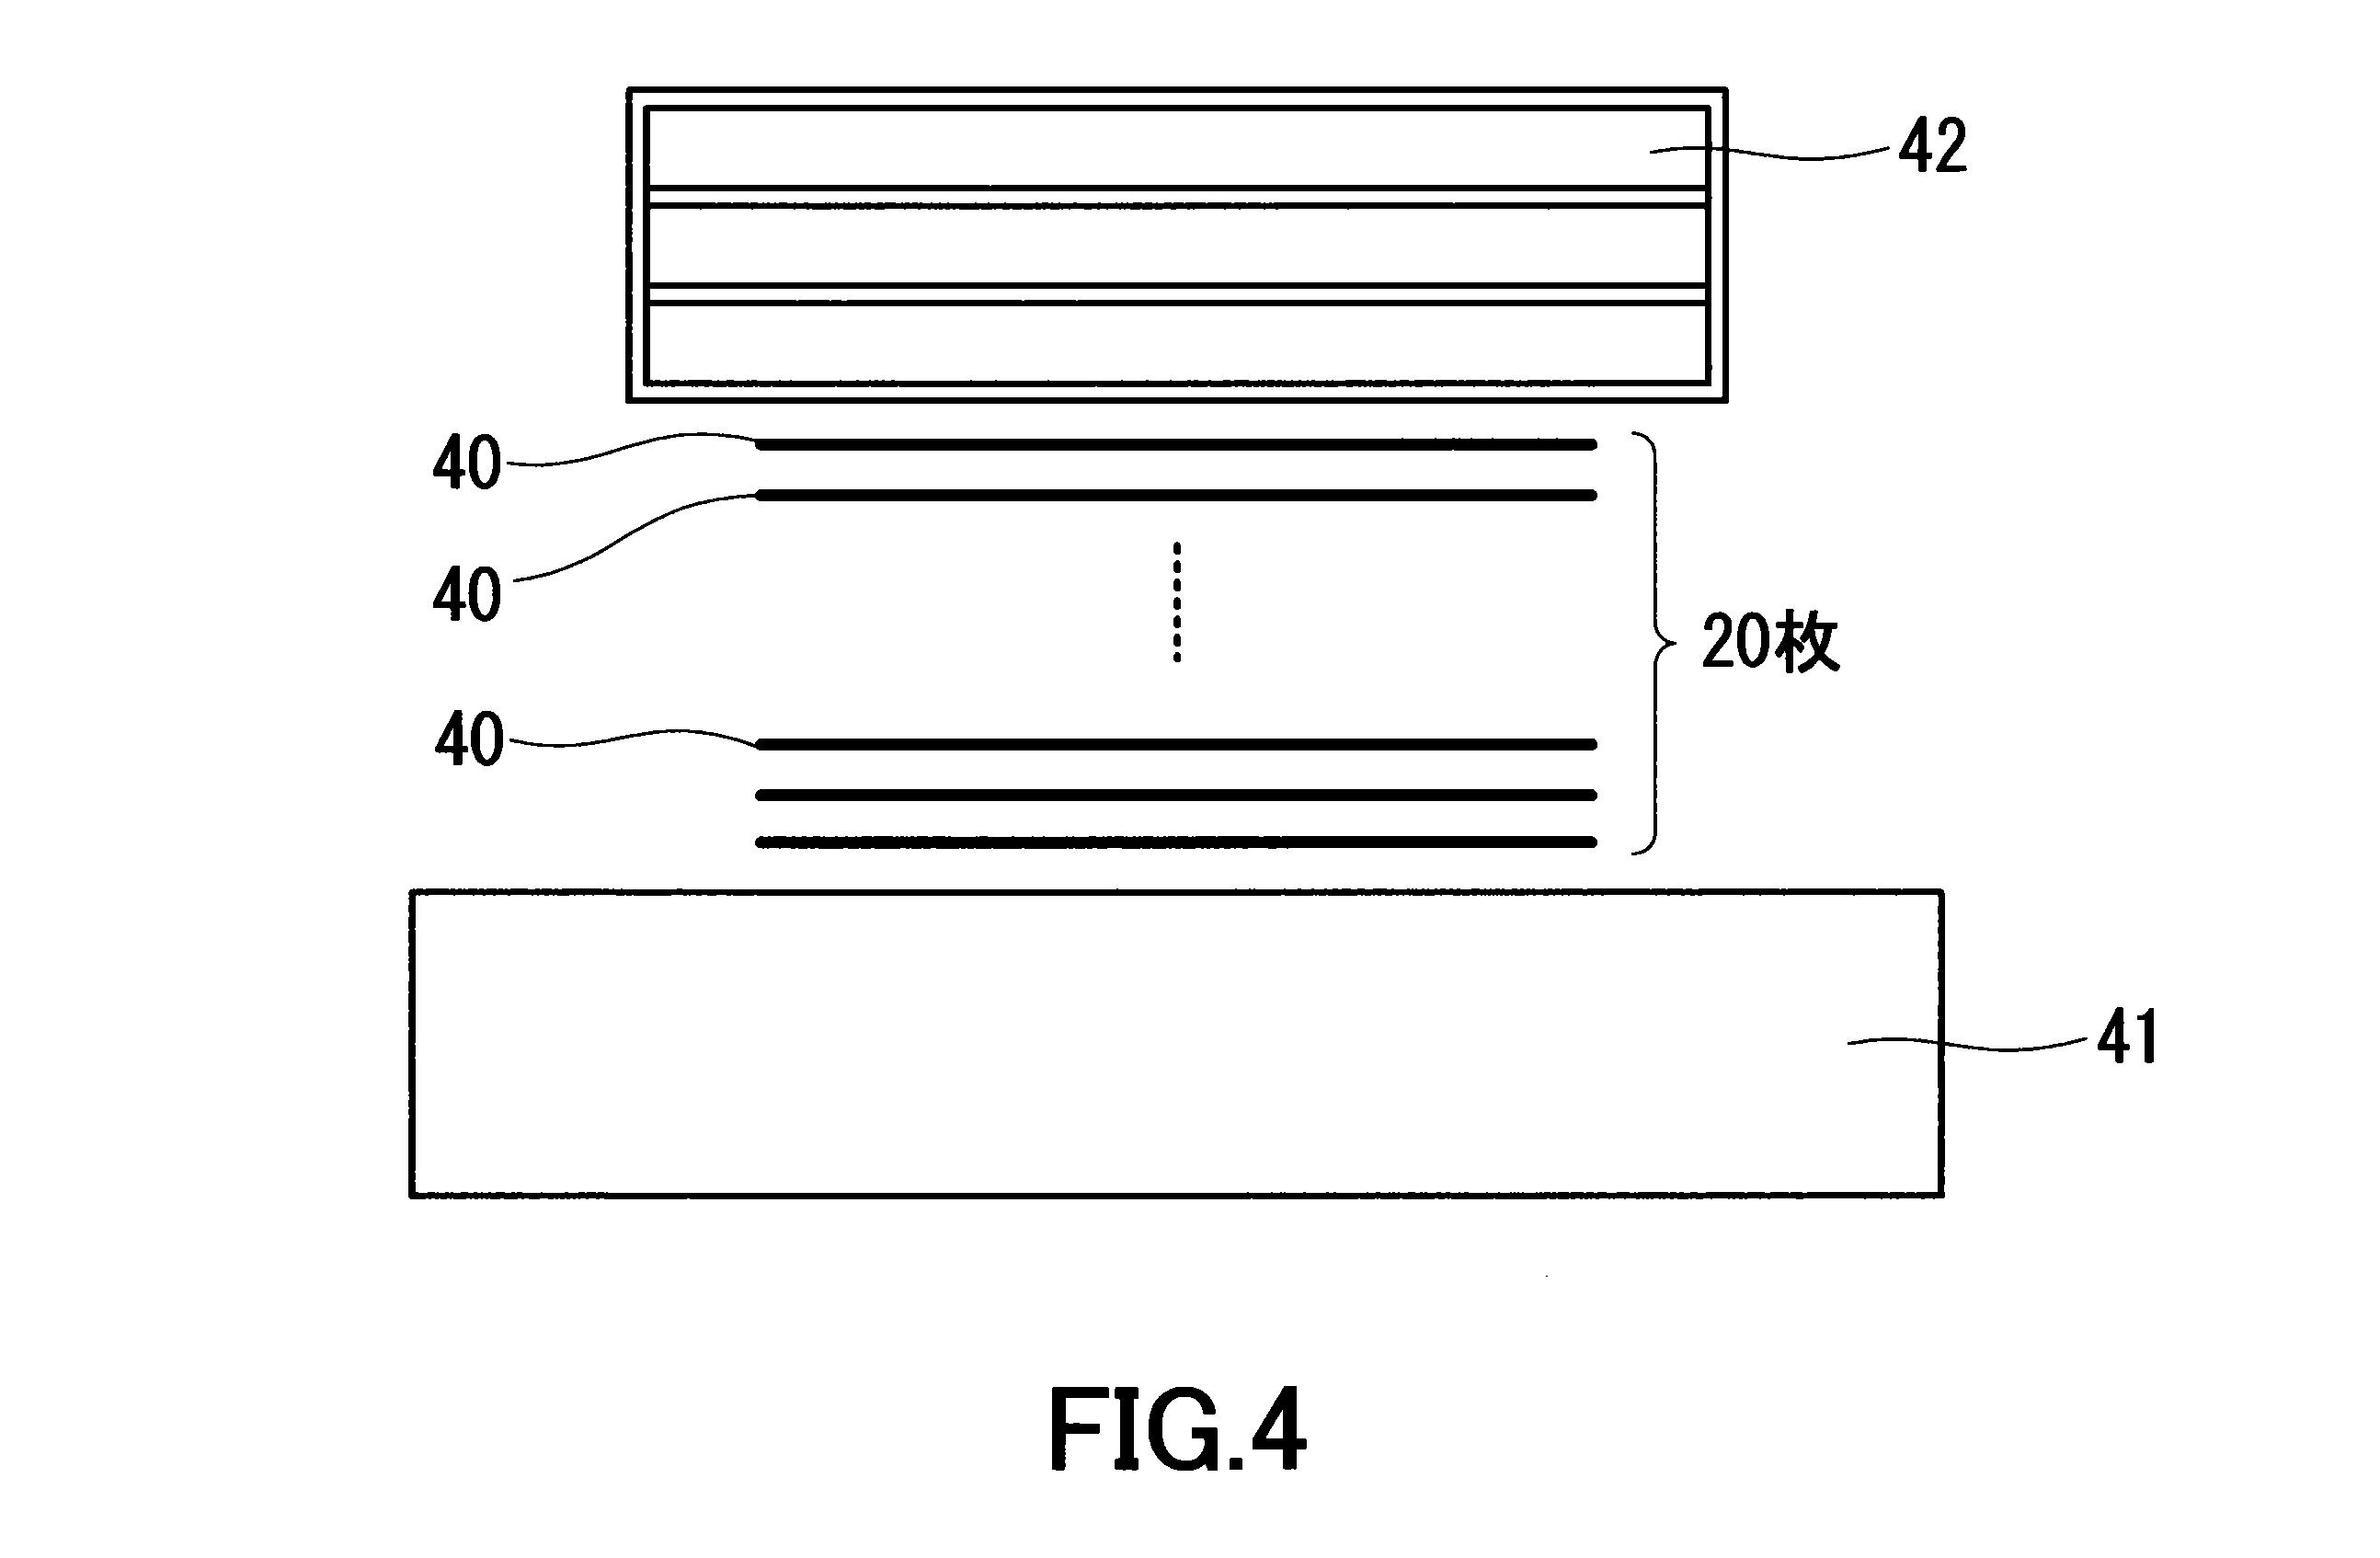 本発明固体酸化物形燃料電池用電解質、少一方面、蛍光浸透探傷試験検出前記表面数、前記1辺30mm以内区画分割得各区画30点以...http://www.google.com/patents/WO2012132462A1?cl=de&utm_source=gb-gplus-share专利 WO2012132462A1 - 固体酸化物形燃料電池用電解質、備固体酸化物形燃料電池用単固体酸化物形燃料電池、並、固体酸化物形燃料電池用電解質検査方法固体酸化物形燃料電池用電解質製造方法